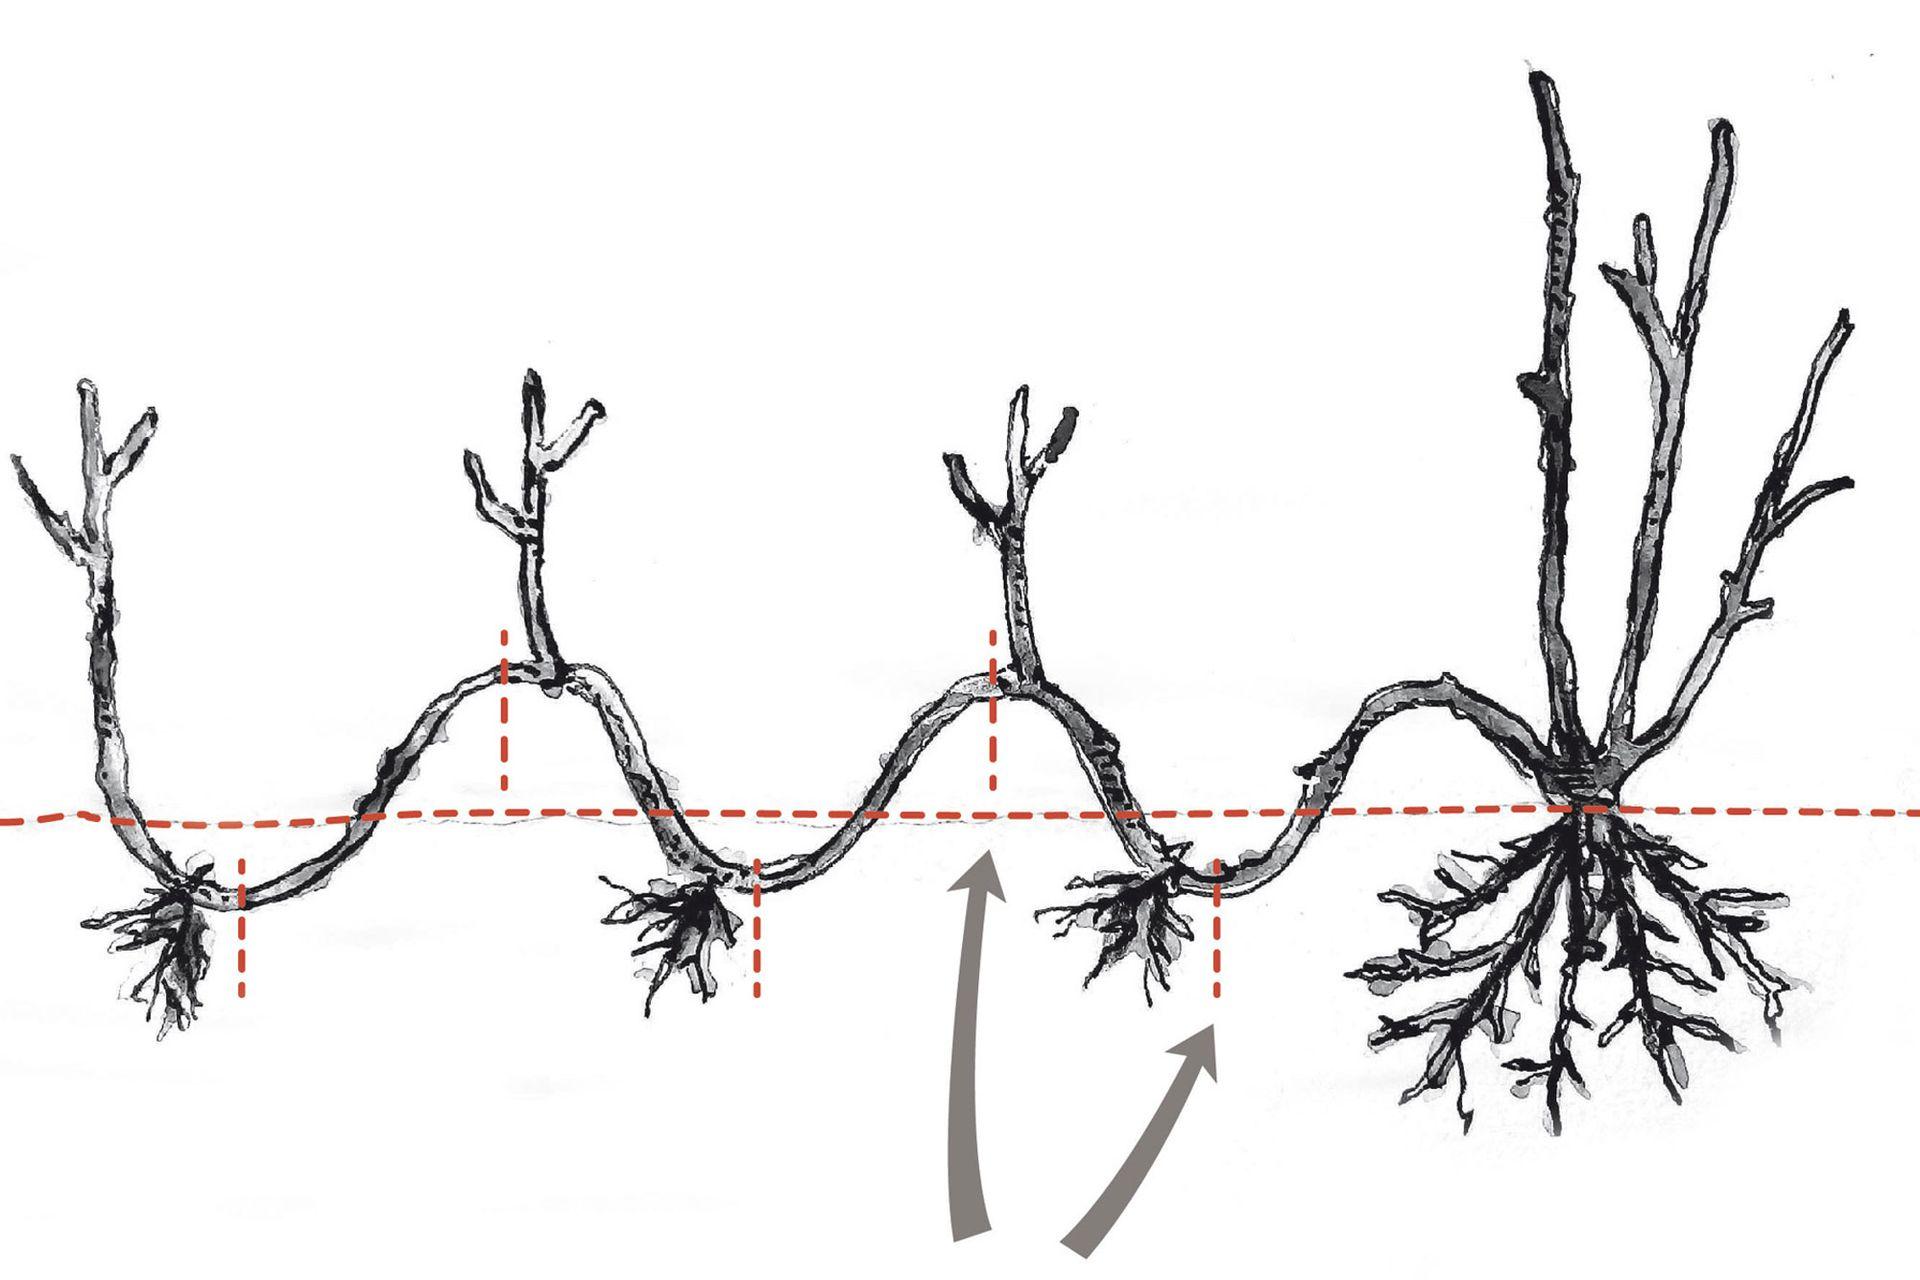 Una vez producido el enraizamiento, la rama se corta en secciones y cada sección es una nueva planta.